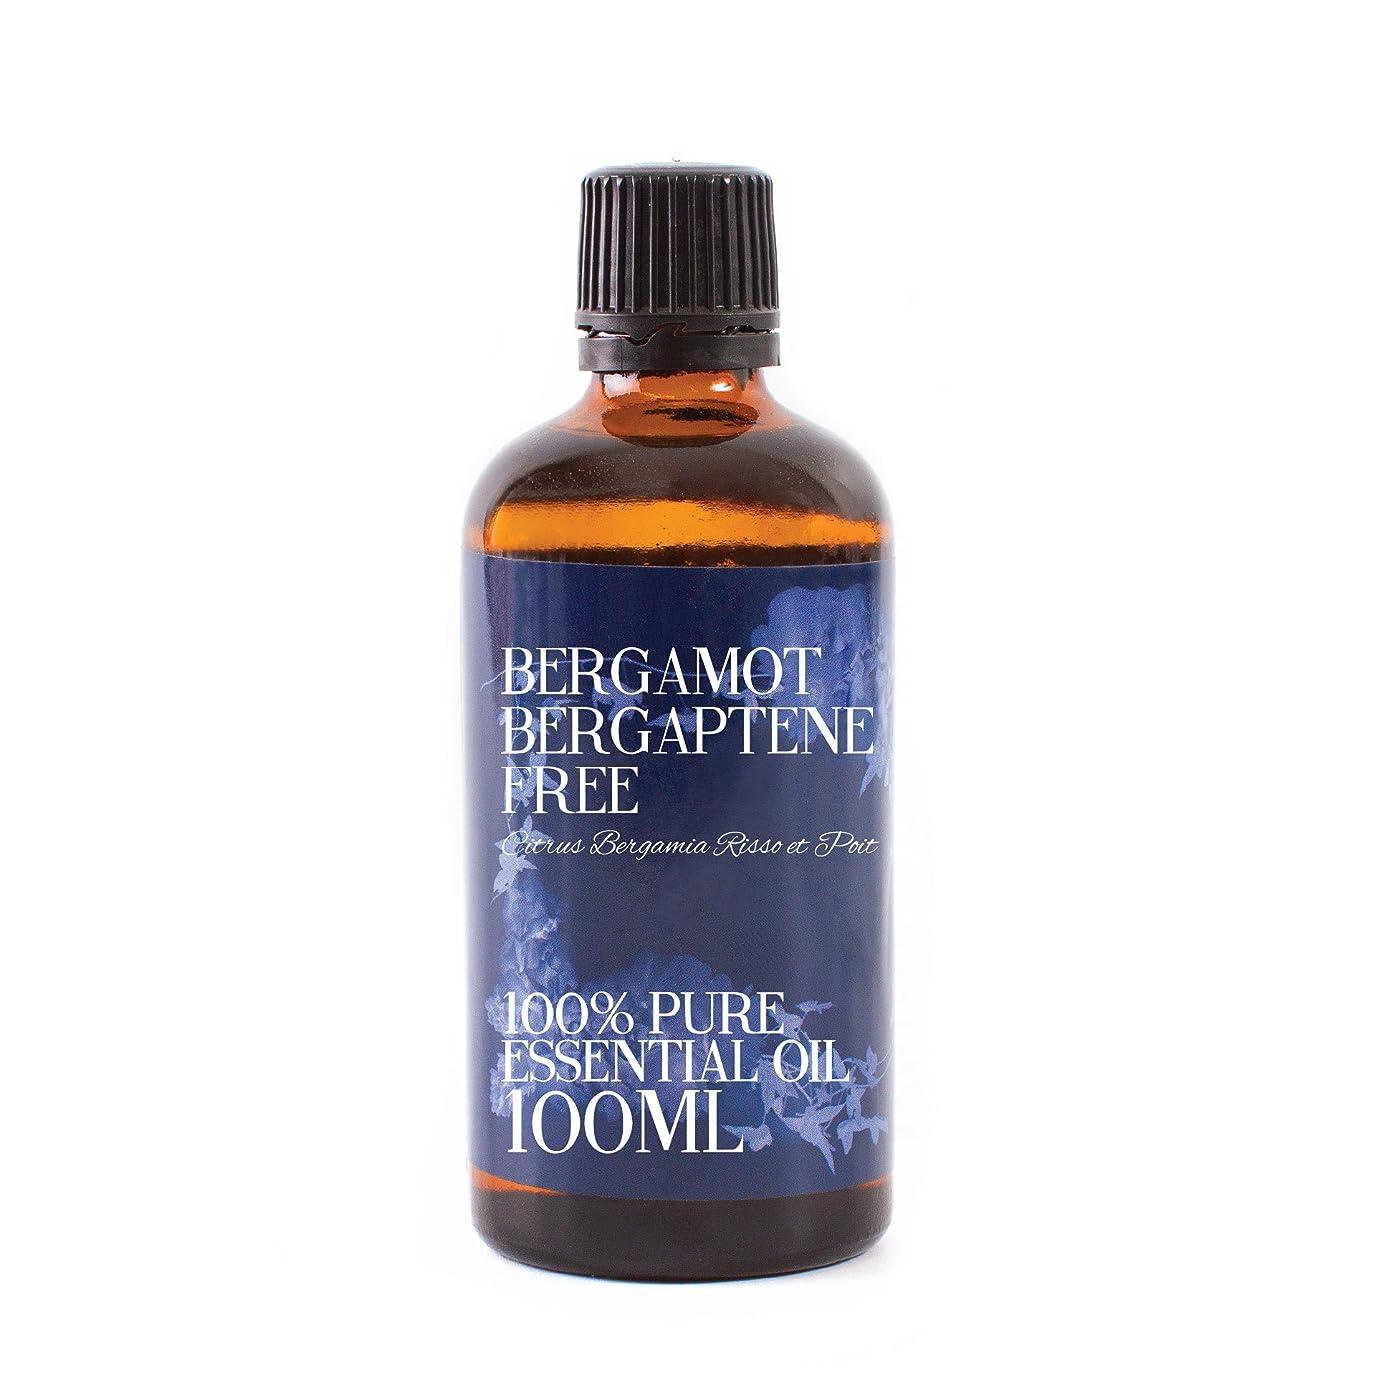 広がり第九合わせてMystic Moments | Bergamot Bergaptene Free Essential Oil - 100ml - 100% Pure